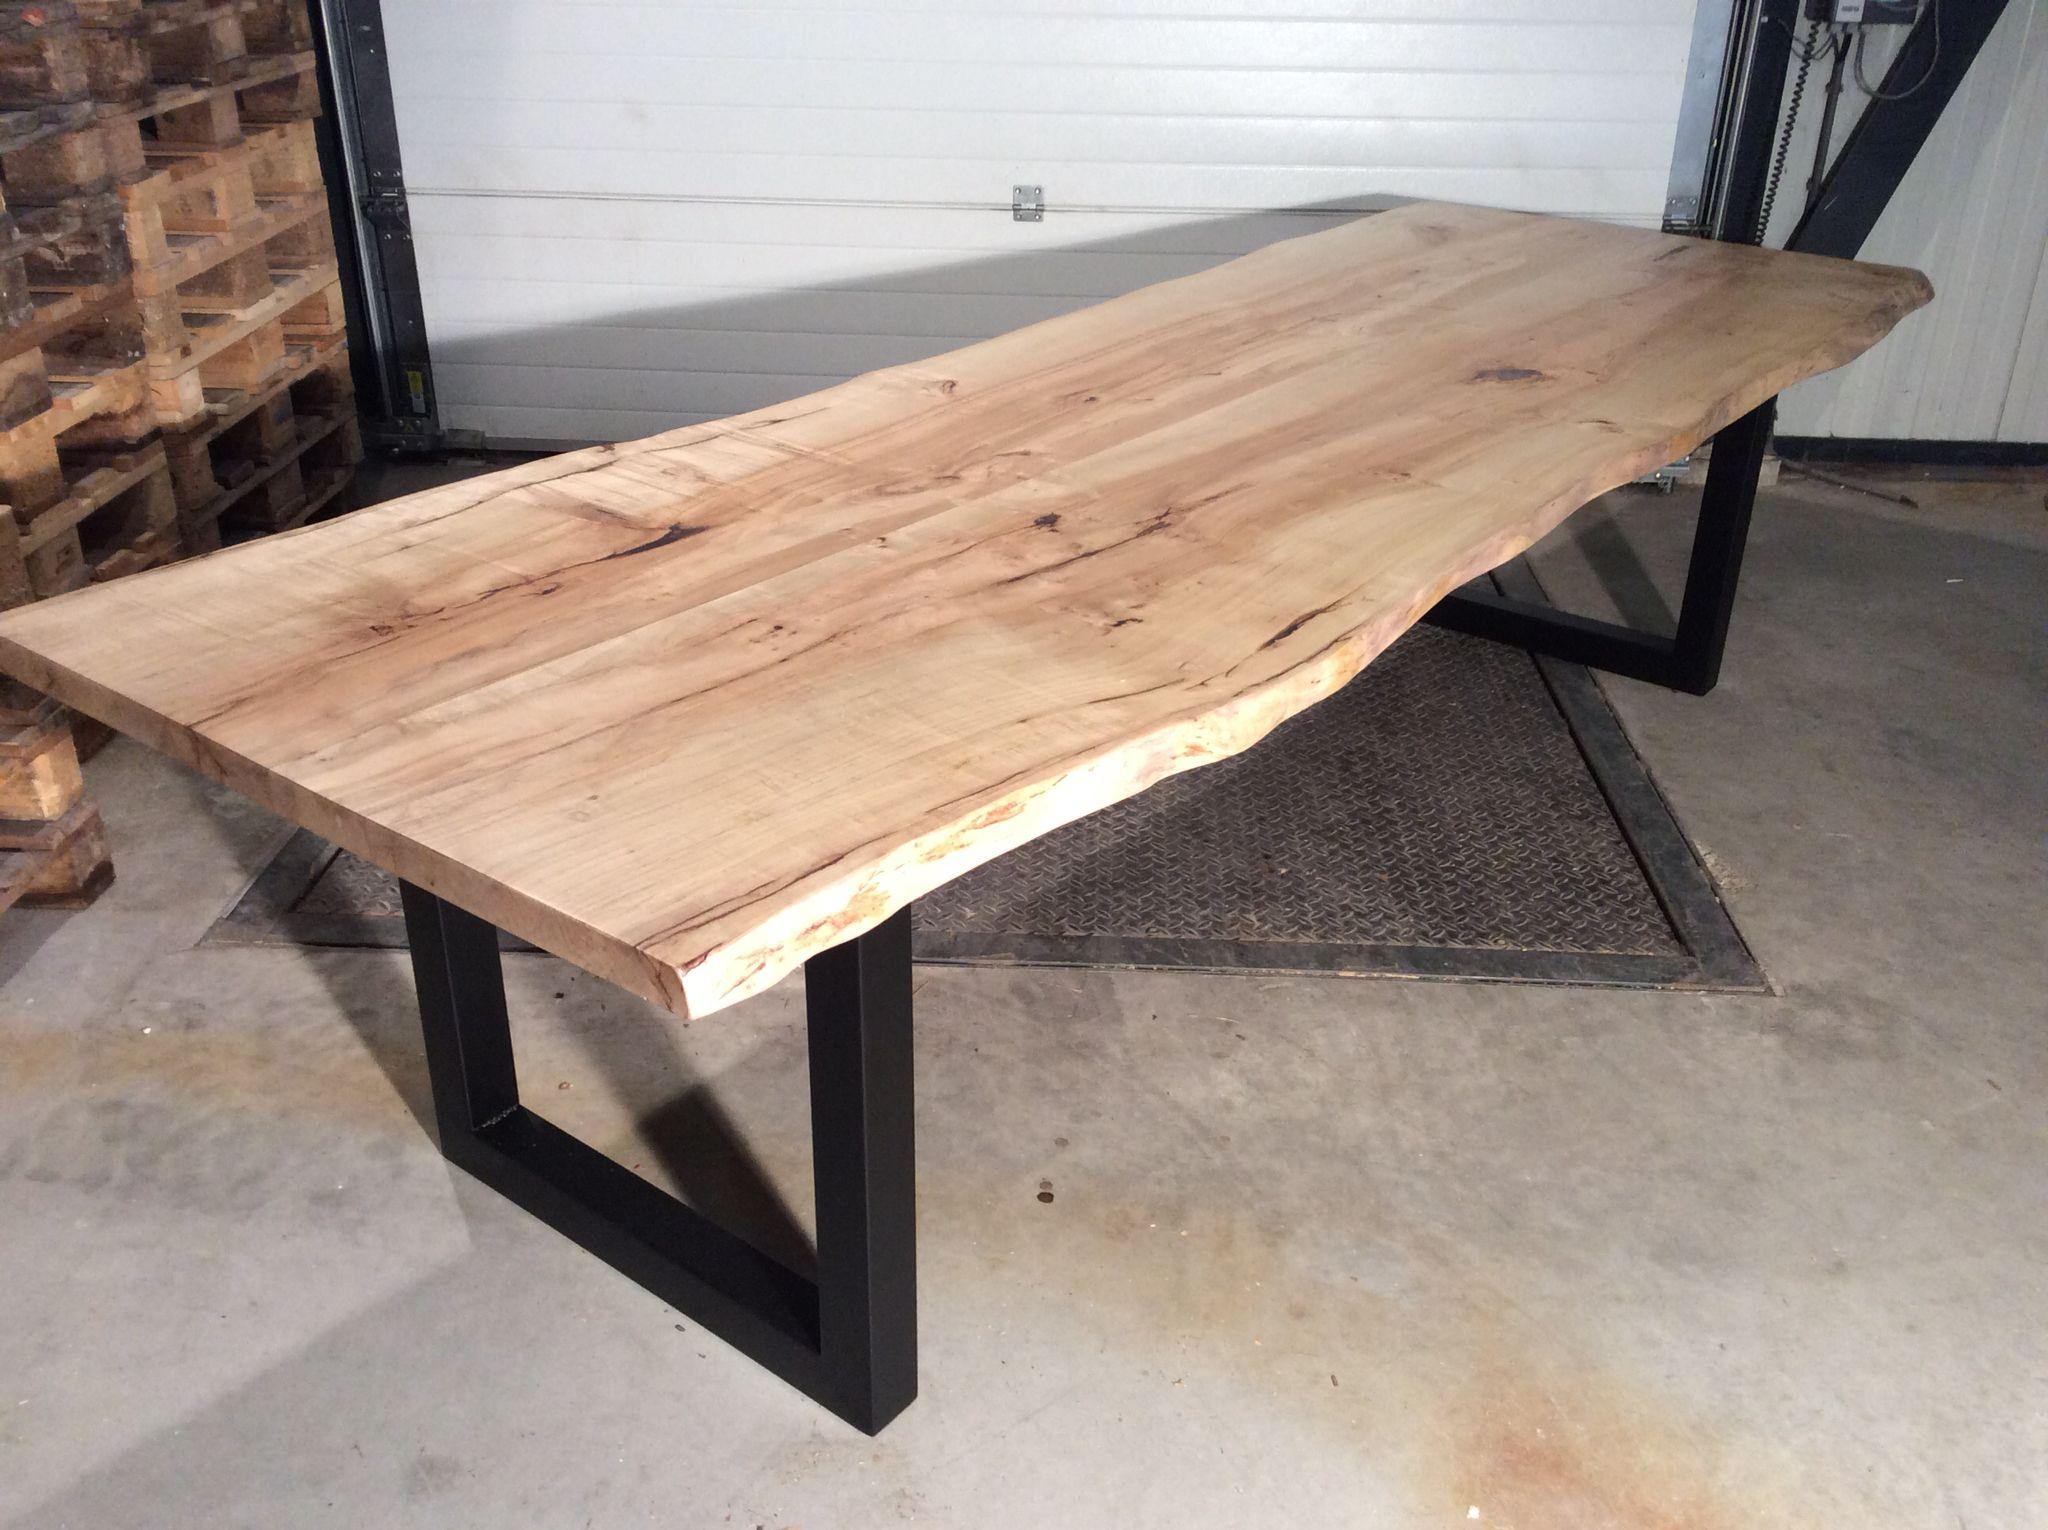 Tafel Van Boomstam : Boomstam tafel esdoorn meterop vierkant frame mat zwart vanaf